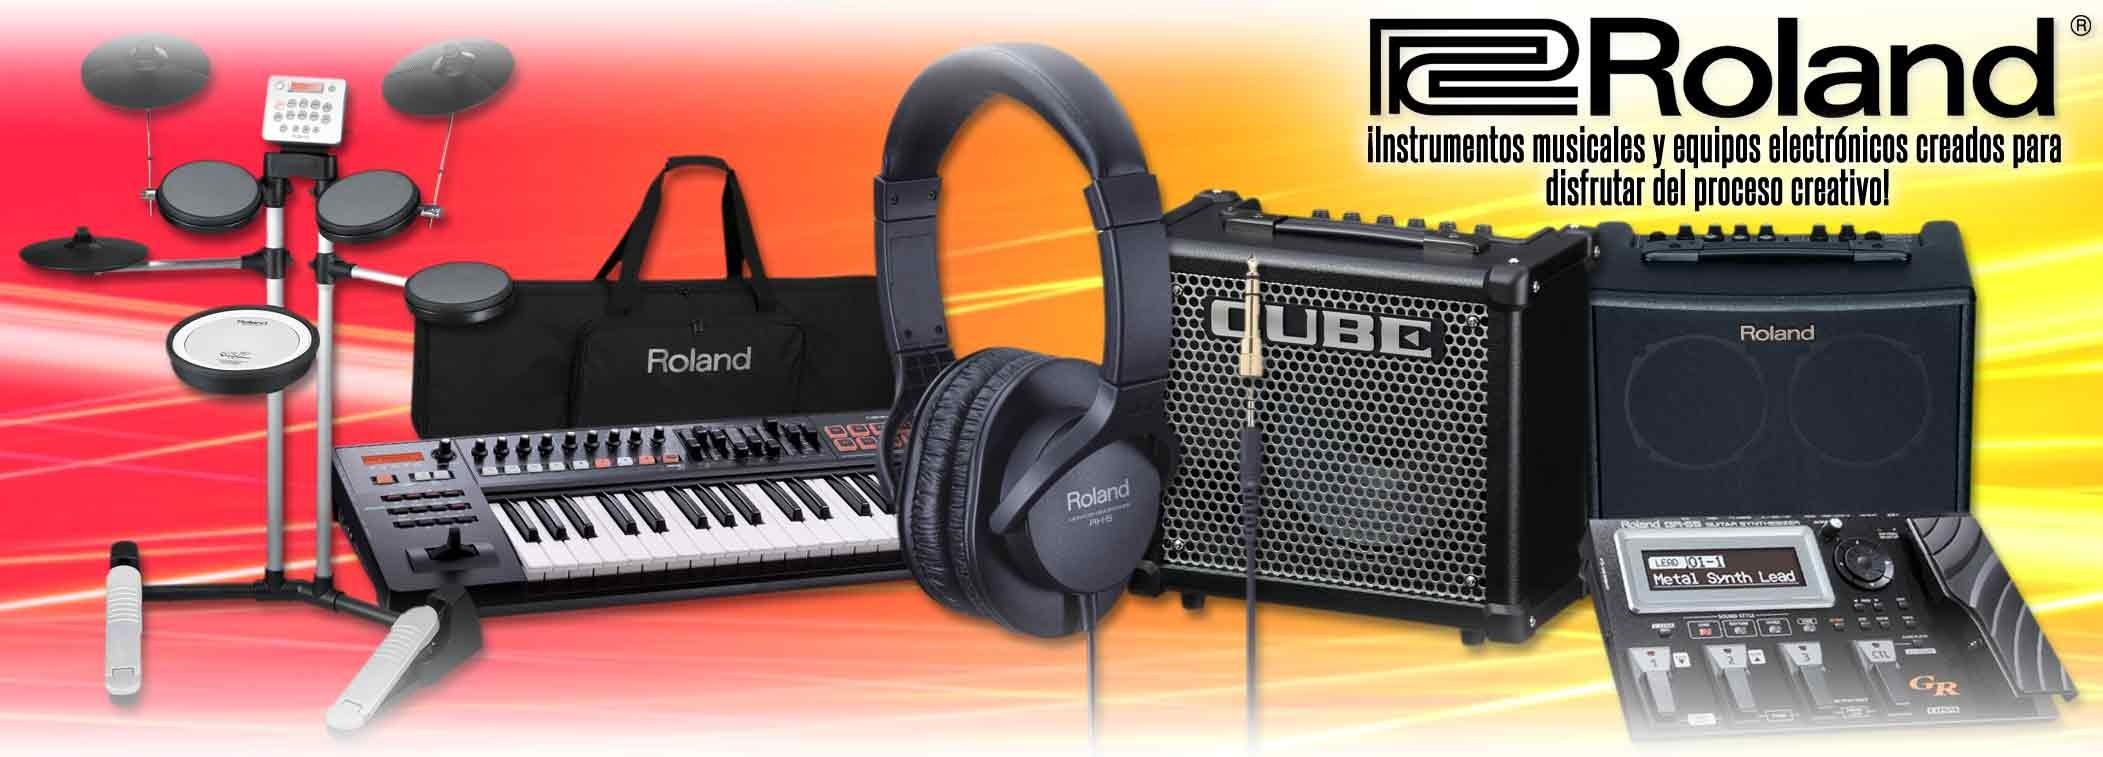 Roland tecnologia de música